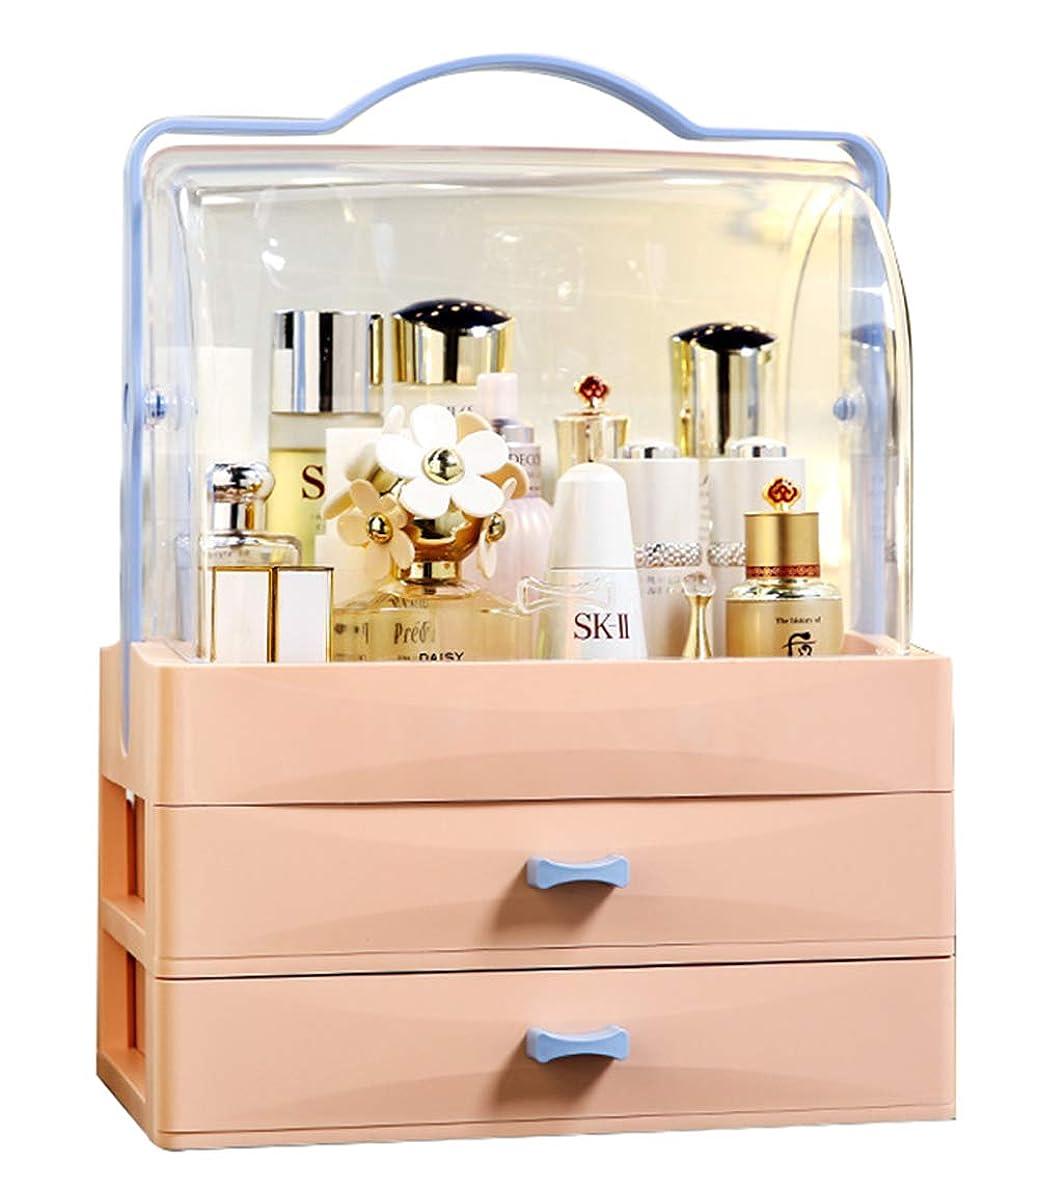 生まれセレナ社説GOGOS コスメボックス 化粧品収納ボックス メイクケース 3段 大容量 持ち運び 引き出し透明 ふた付き クリア おしゃれ かわいい 人気